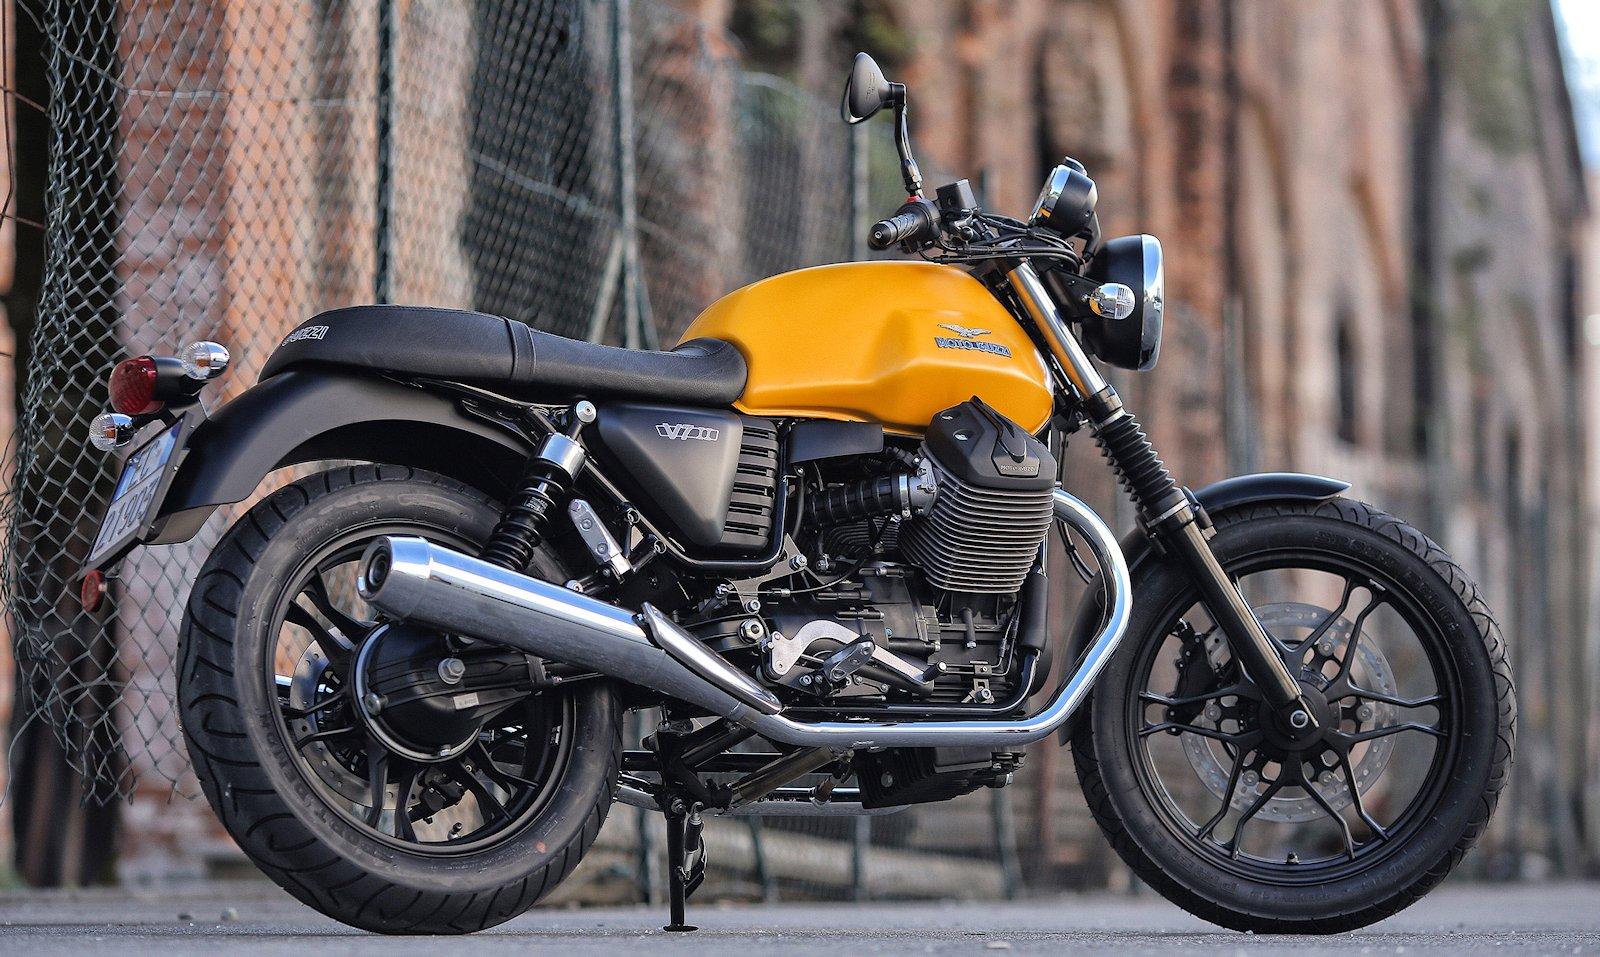 Moto Guzzi V7 II Stornello - Billeder af mc-er - Uploaded